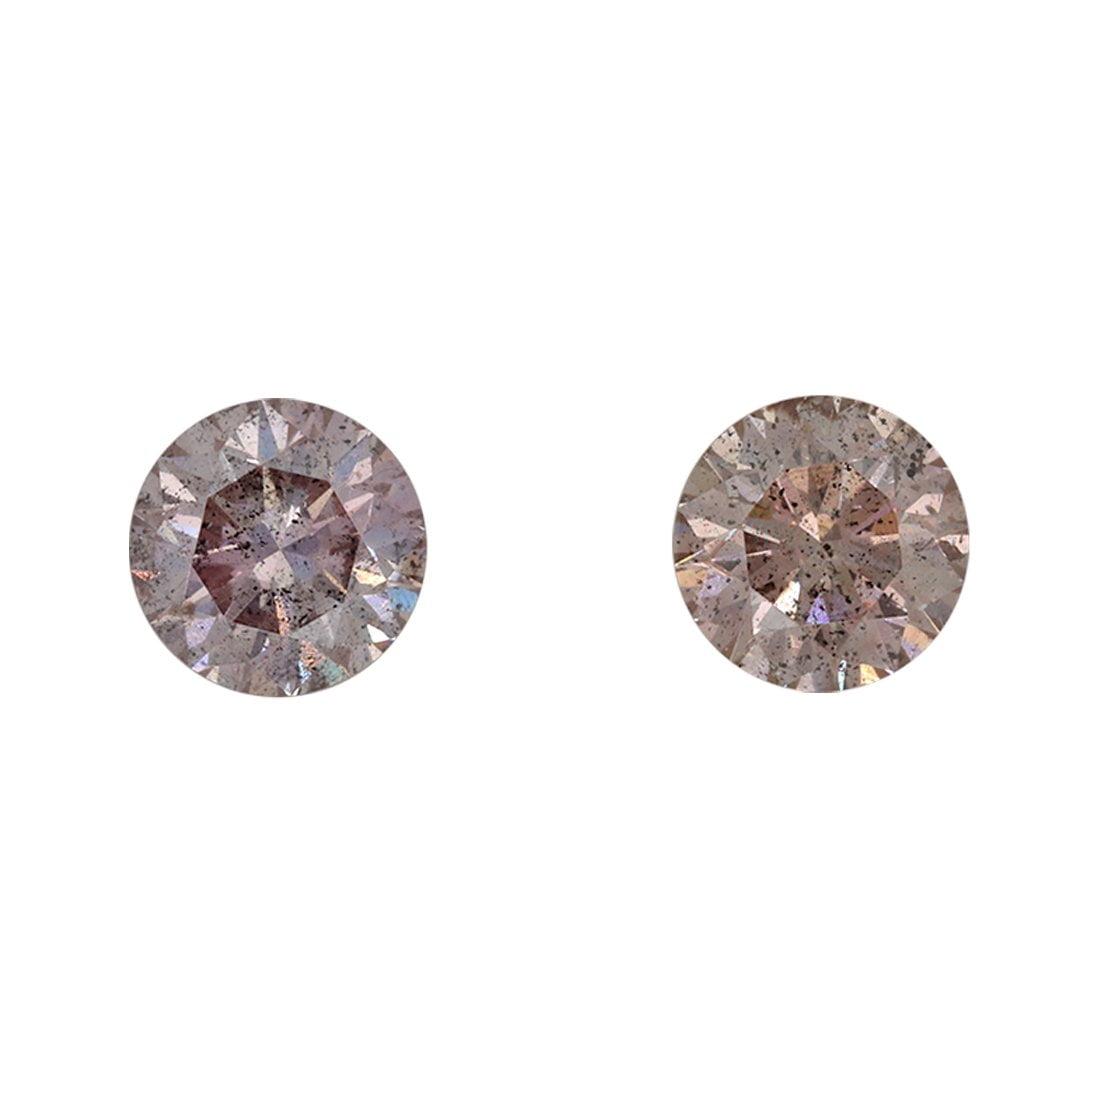 2=2.07ct Natural Fancy Purplish Pink - Fancy Pink, 8P Argyle Diamond